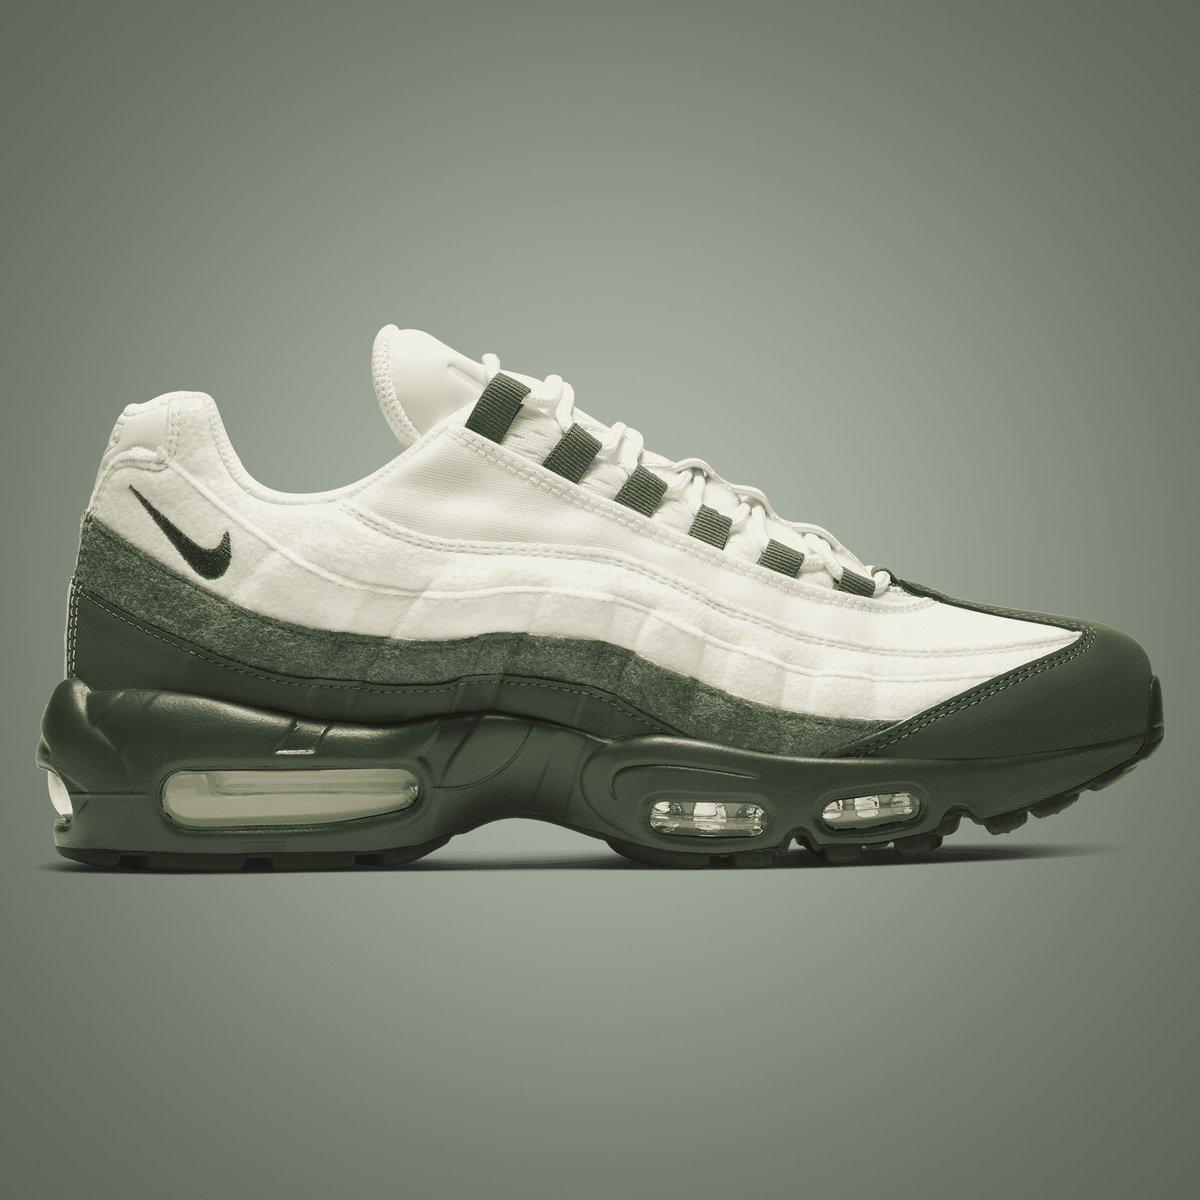 9c21e6181 GB'S Sneaker Shop on Twitter: